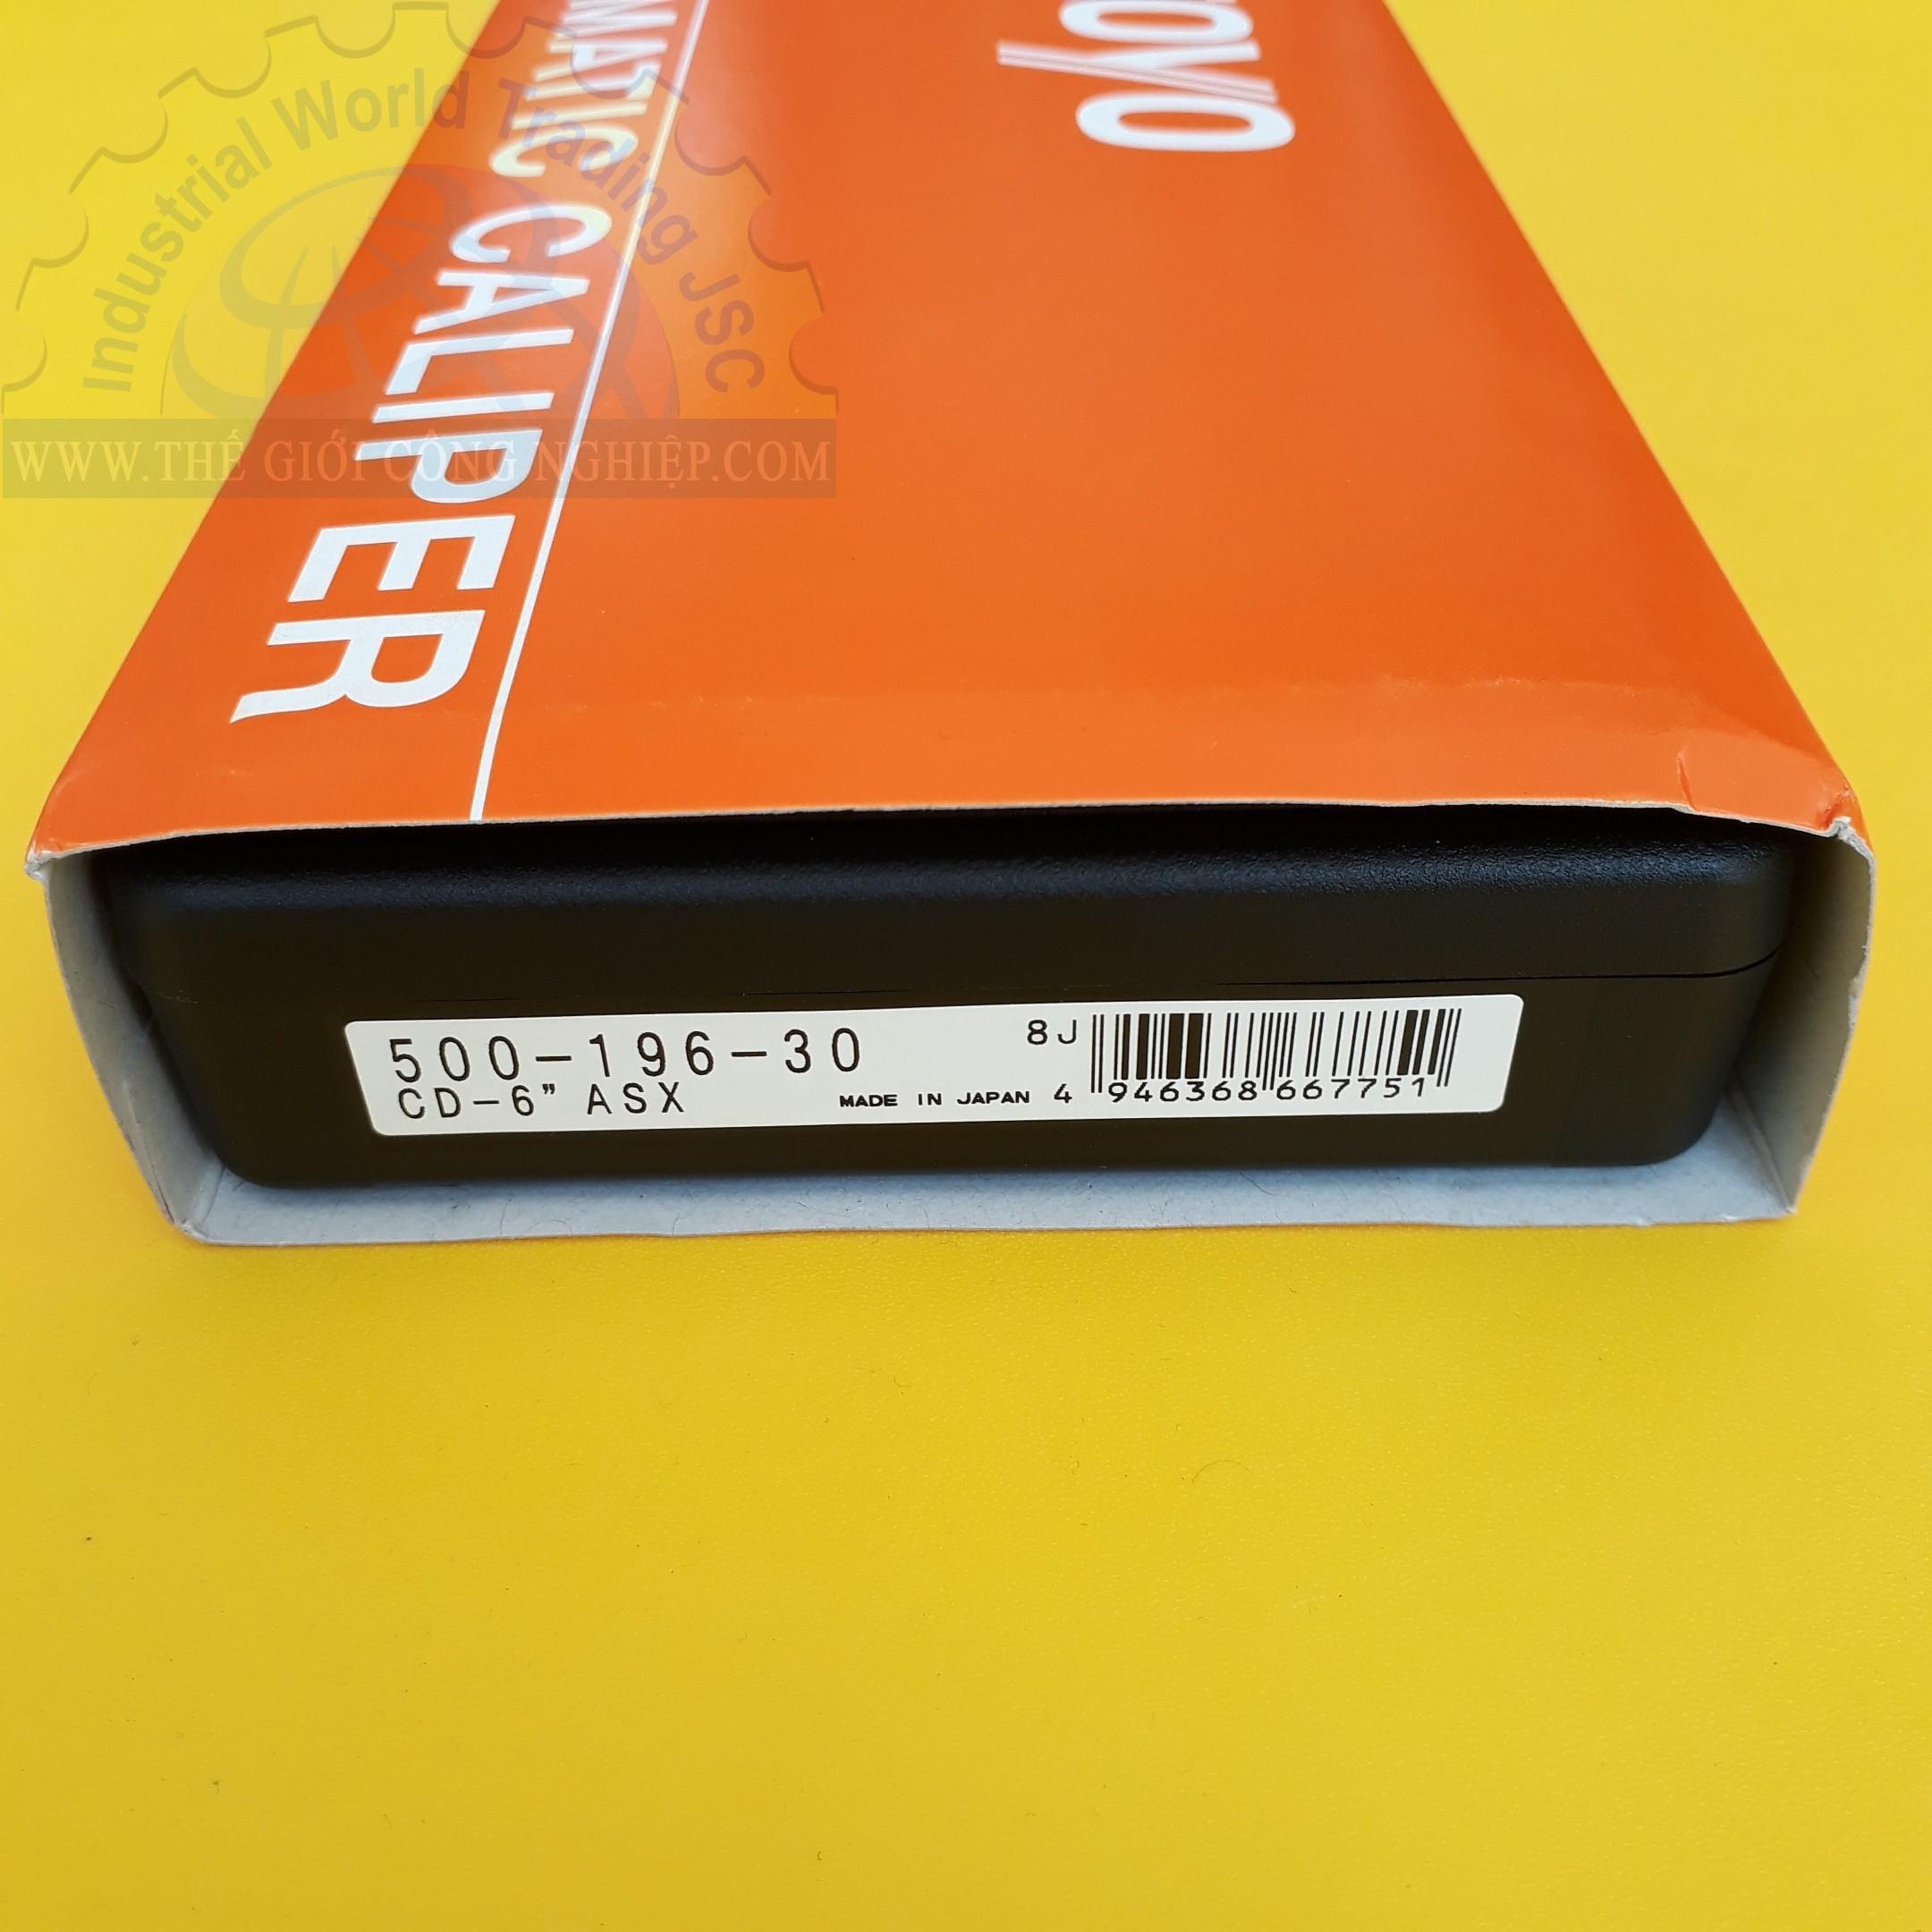 Digital caliper 500-196-30 MITUTOYO